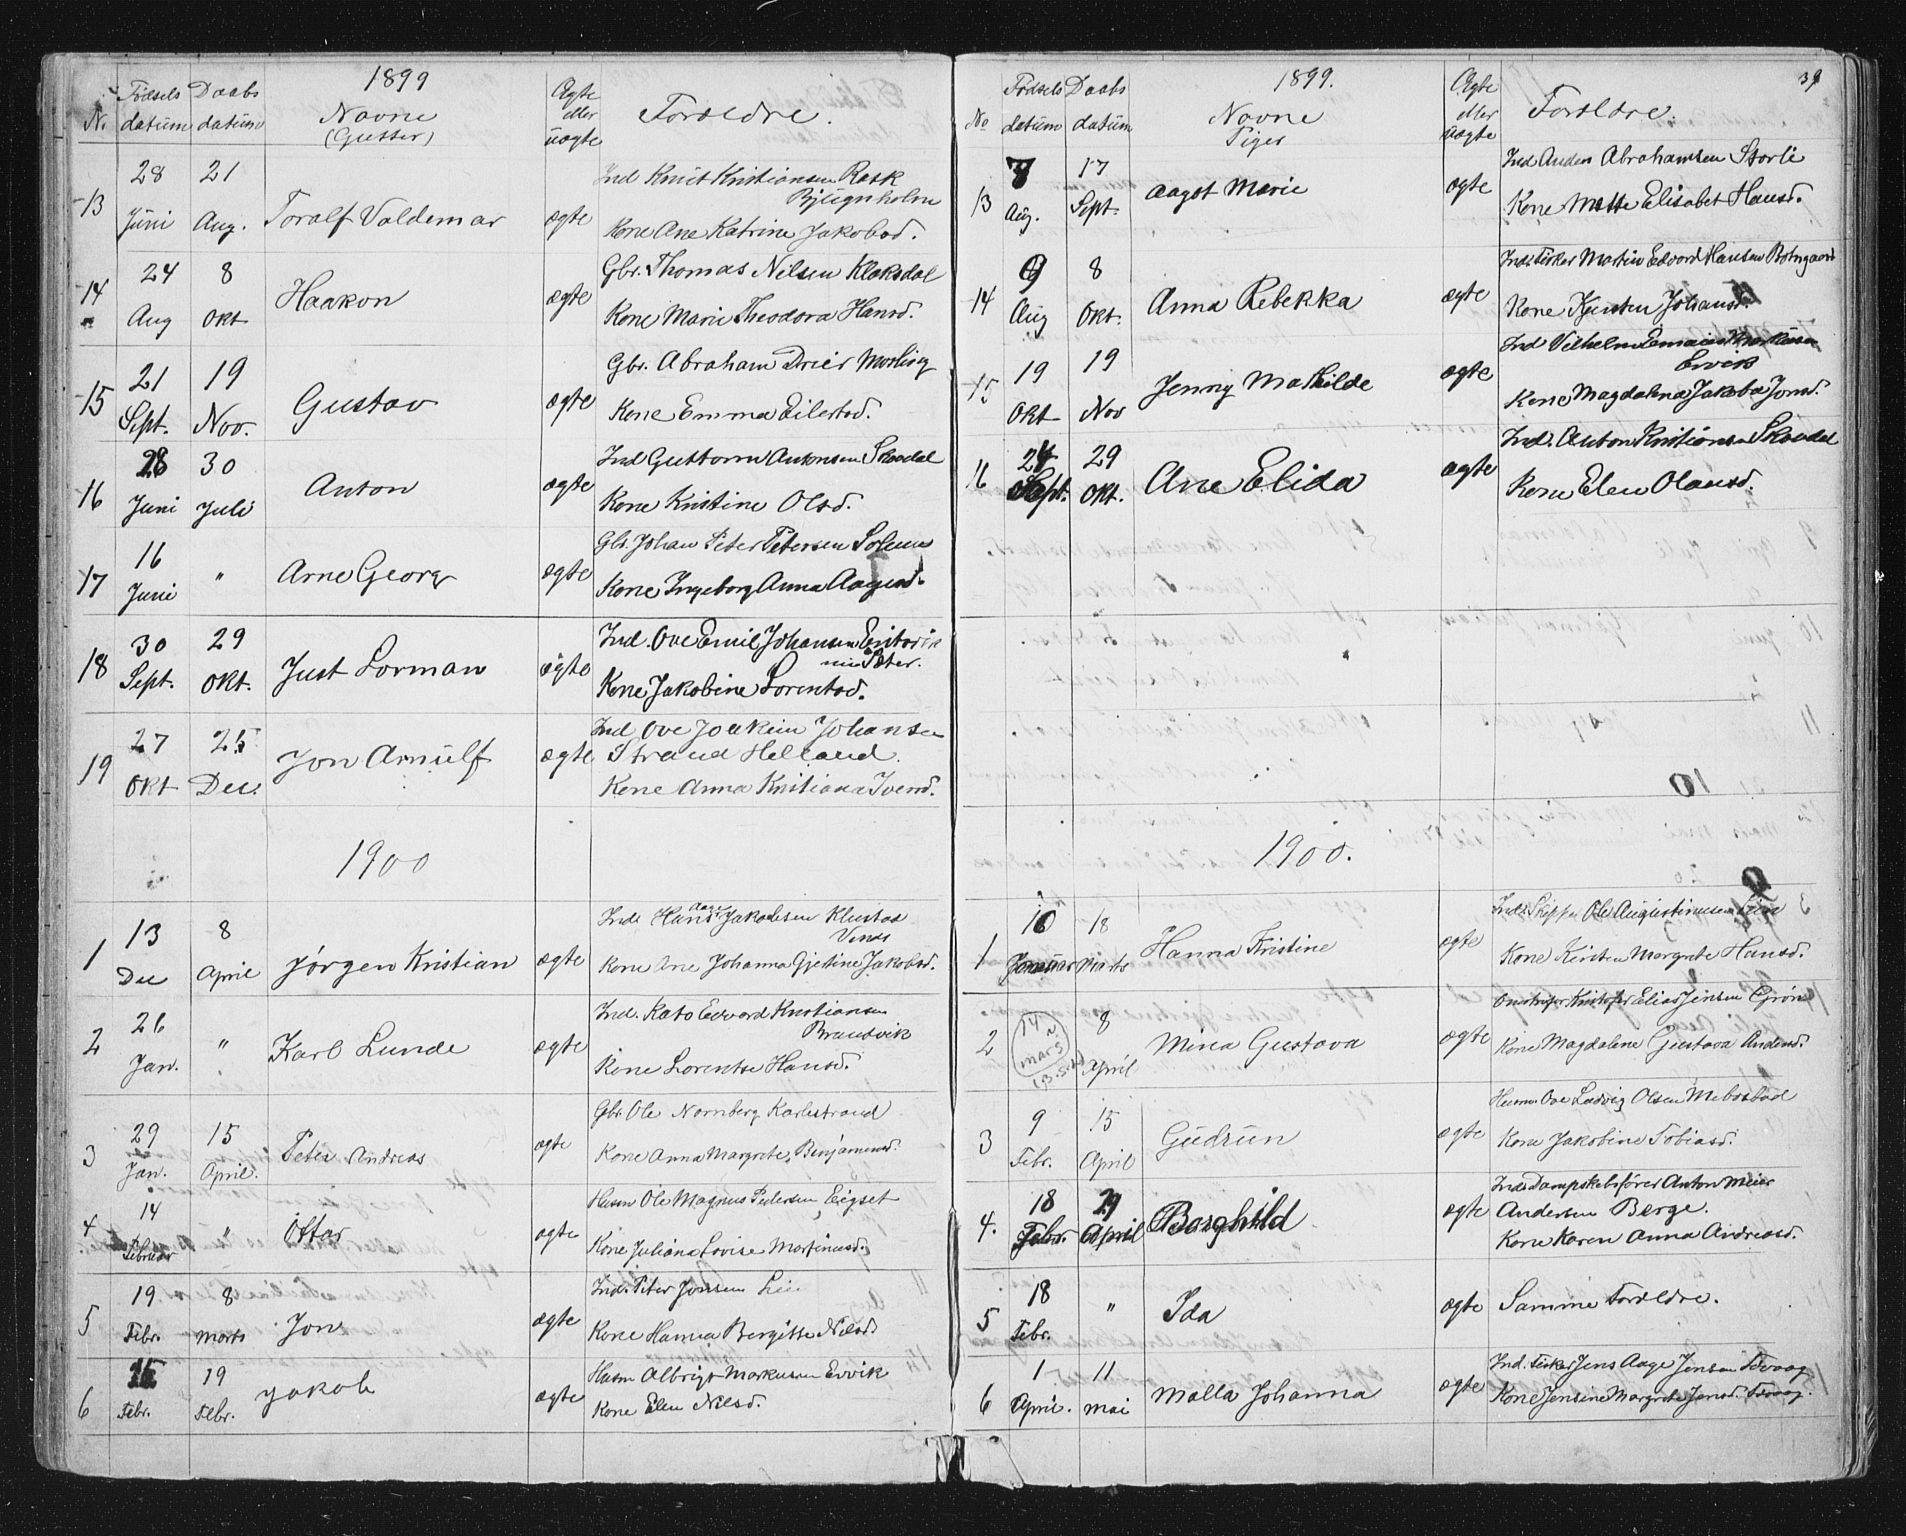 SAT, Ministerialprotokoller, klokkerbøker og fødselsregistre - Sør-Trøndelag, 651/L0647: Klokkerbok nr. 651C01, 1866-1914, s. 39